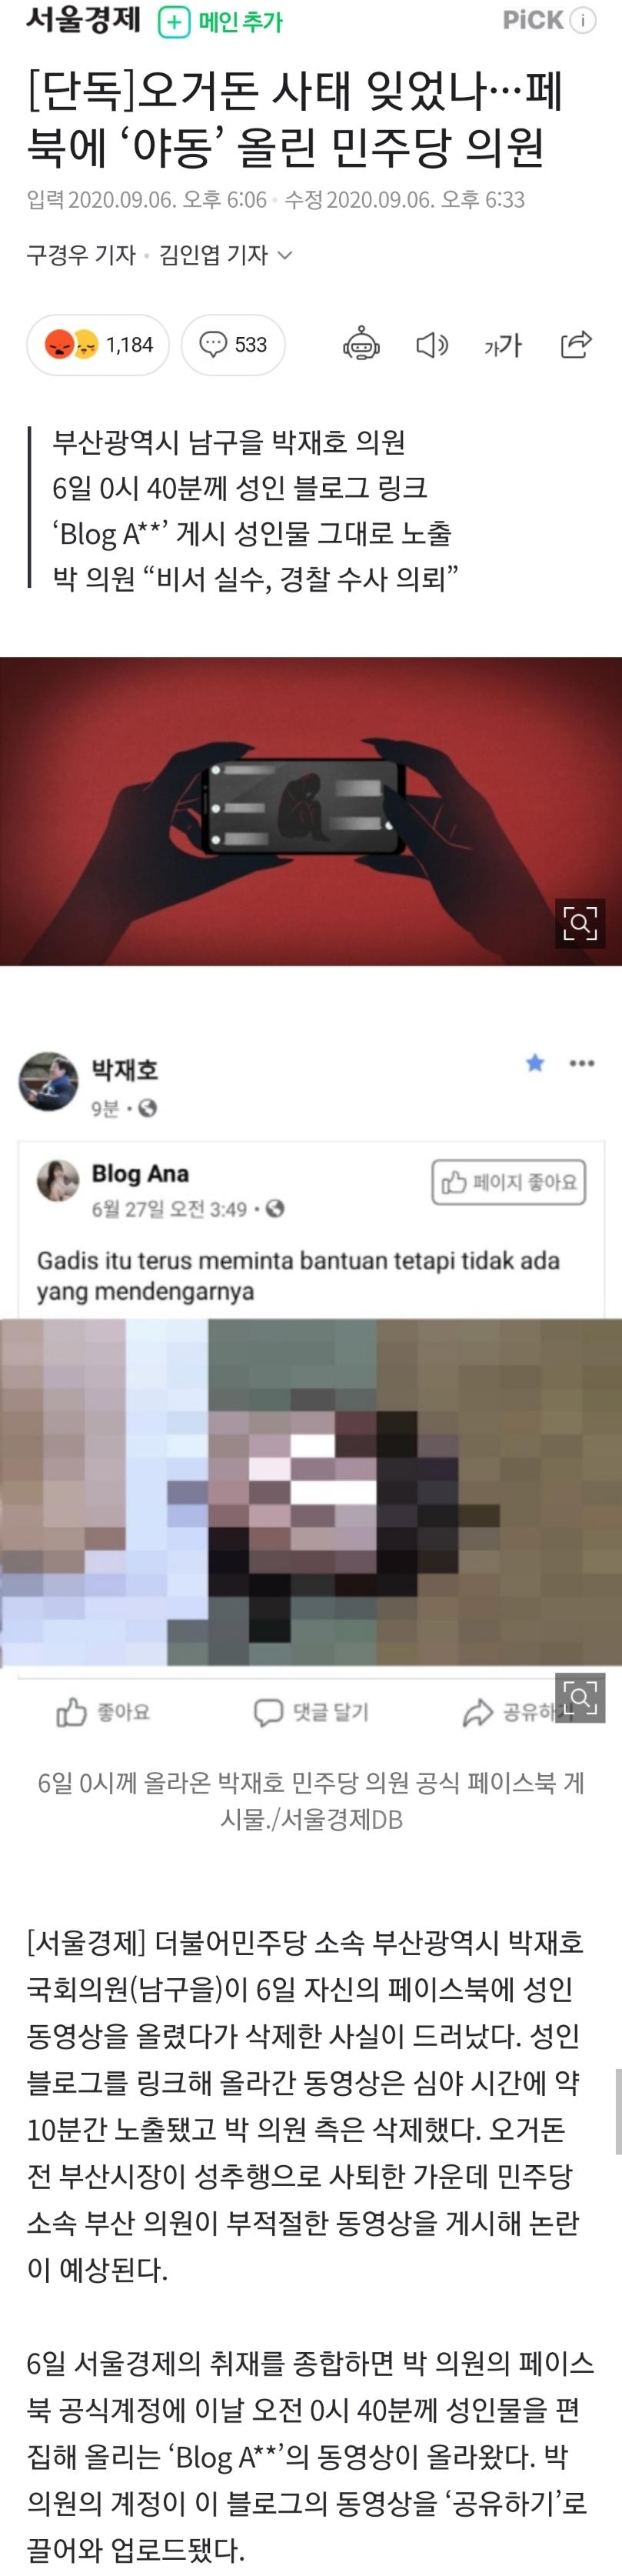 국회의원 페이스북 상황